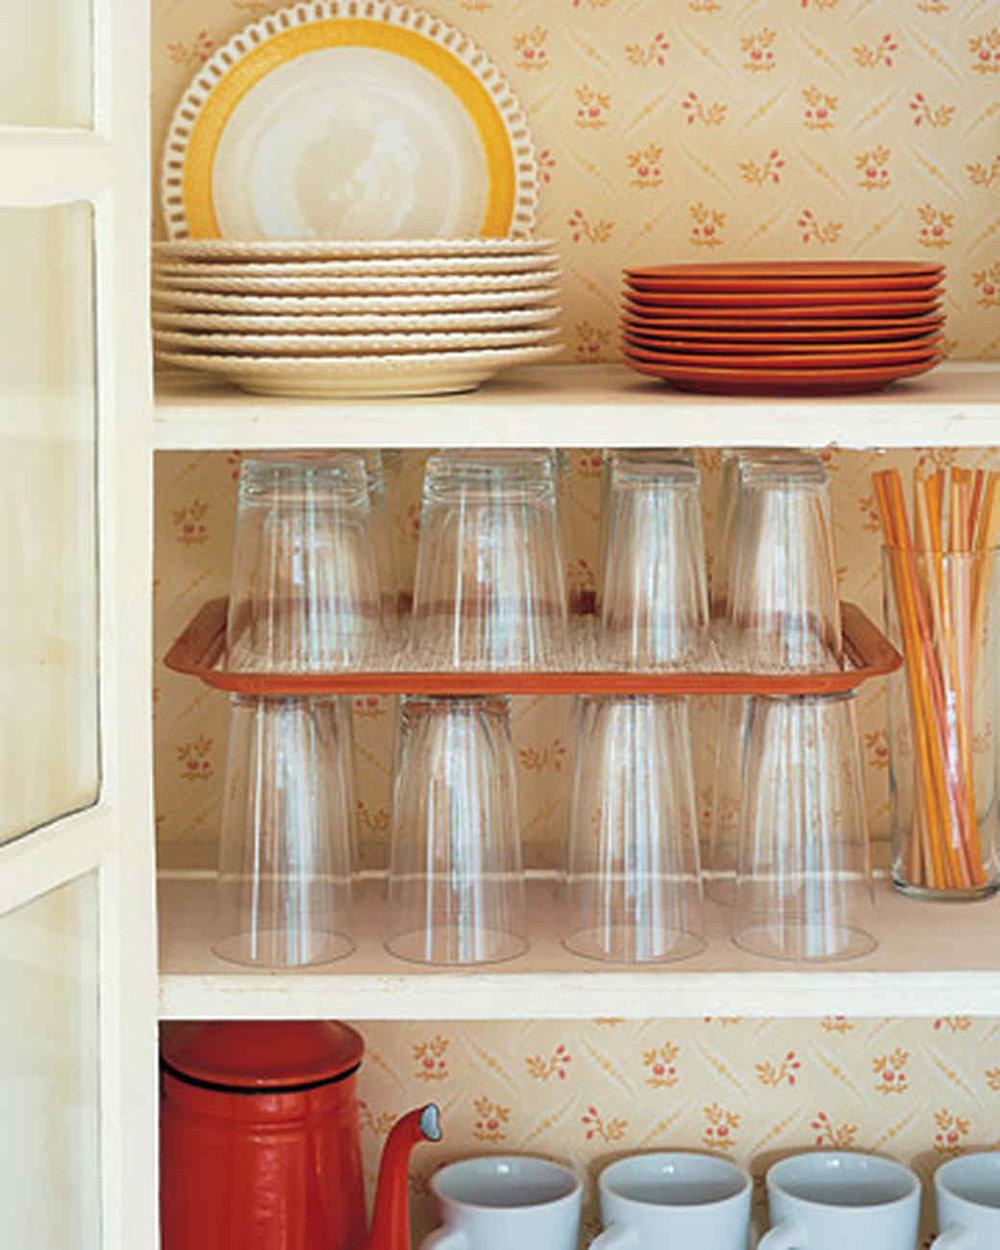 лучше не хранить стаканы, вложенными друг в друга - выше риск их расколоть. для создания второго ряда используйте пластиковый поднос  источник